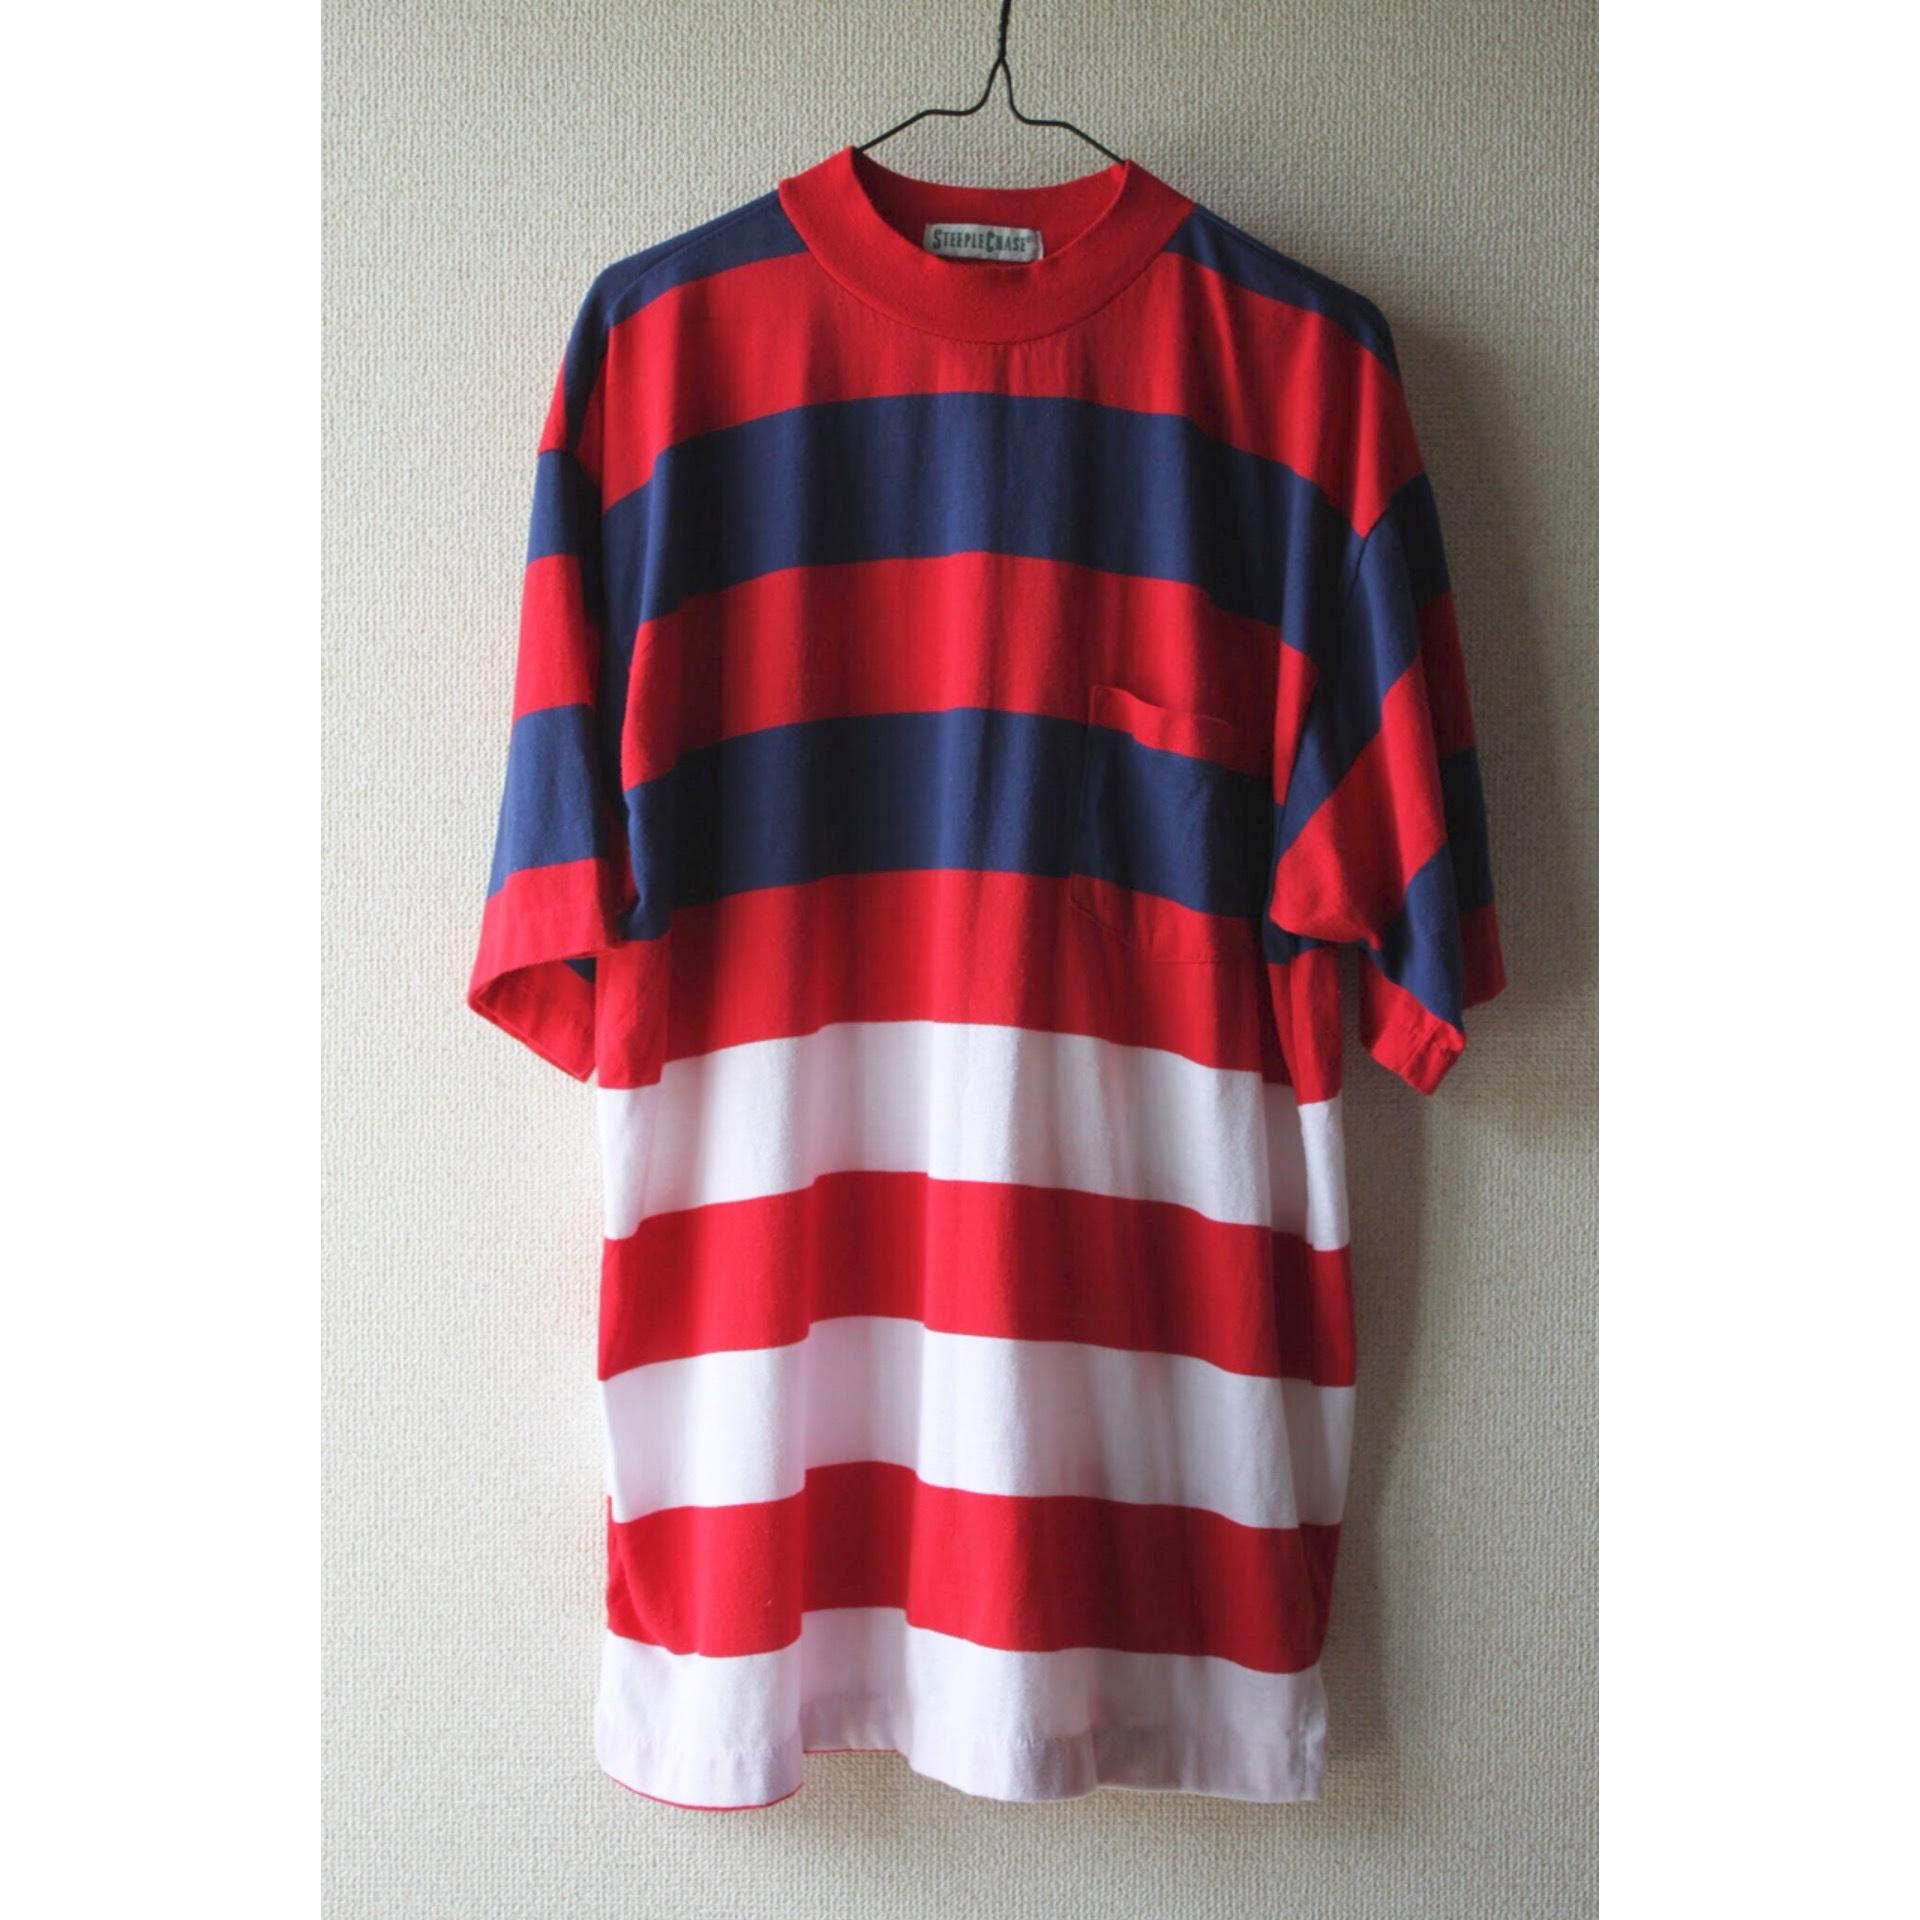 Vintage border pocket t shirt